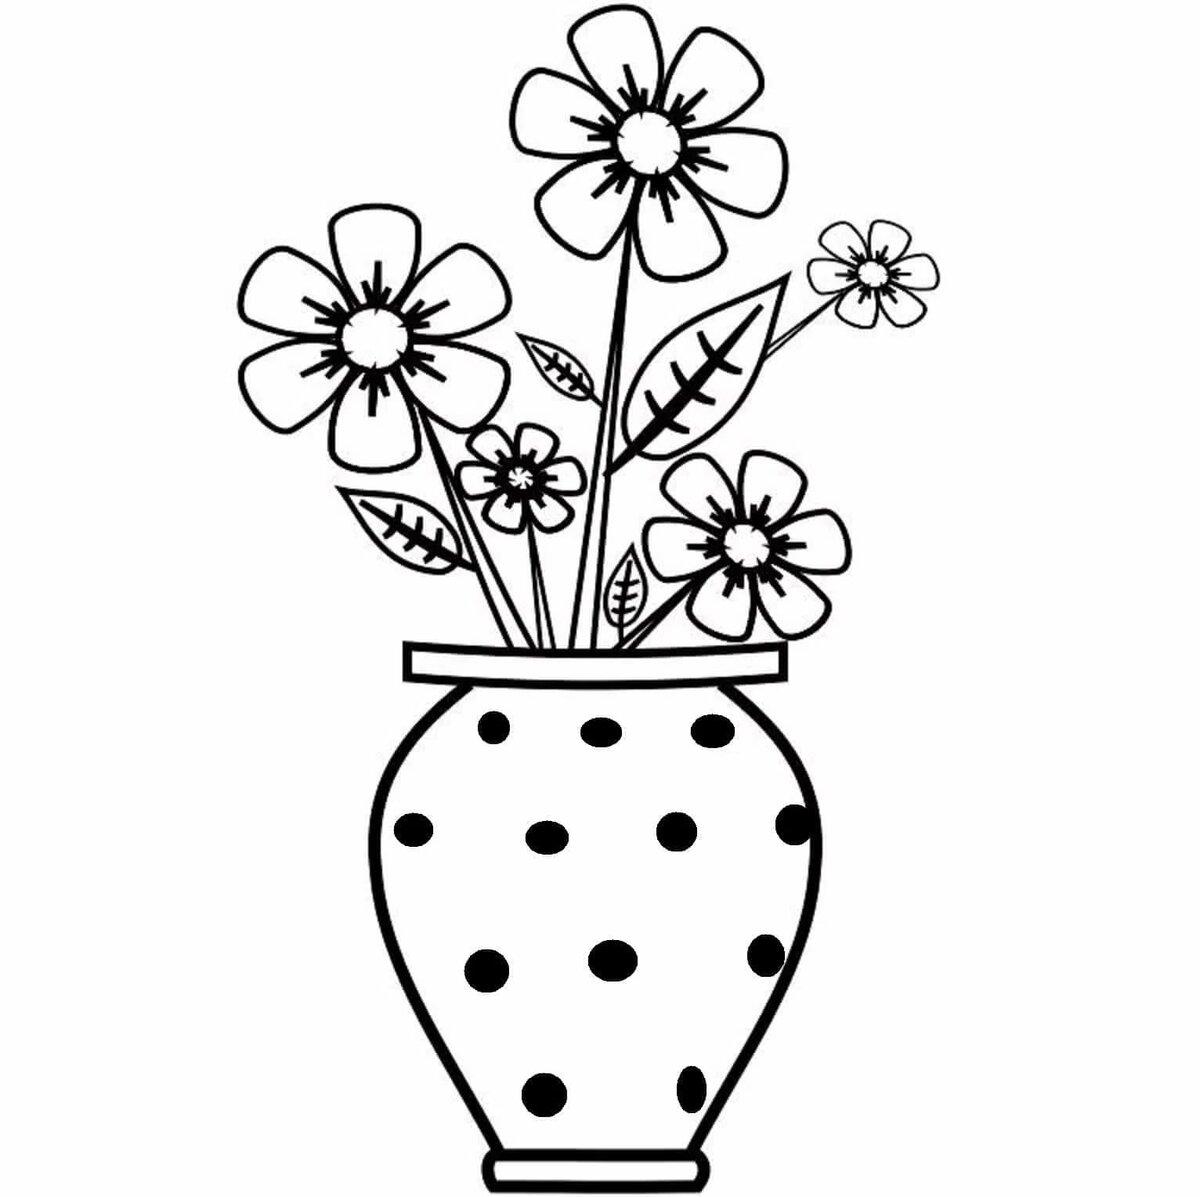 знали, картинки черно белые для распечатки вазы это совсем тоненькие